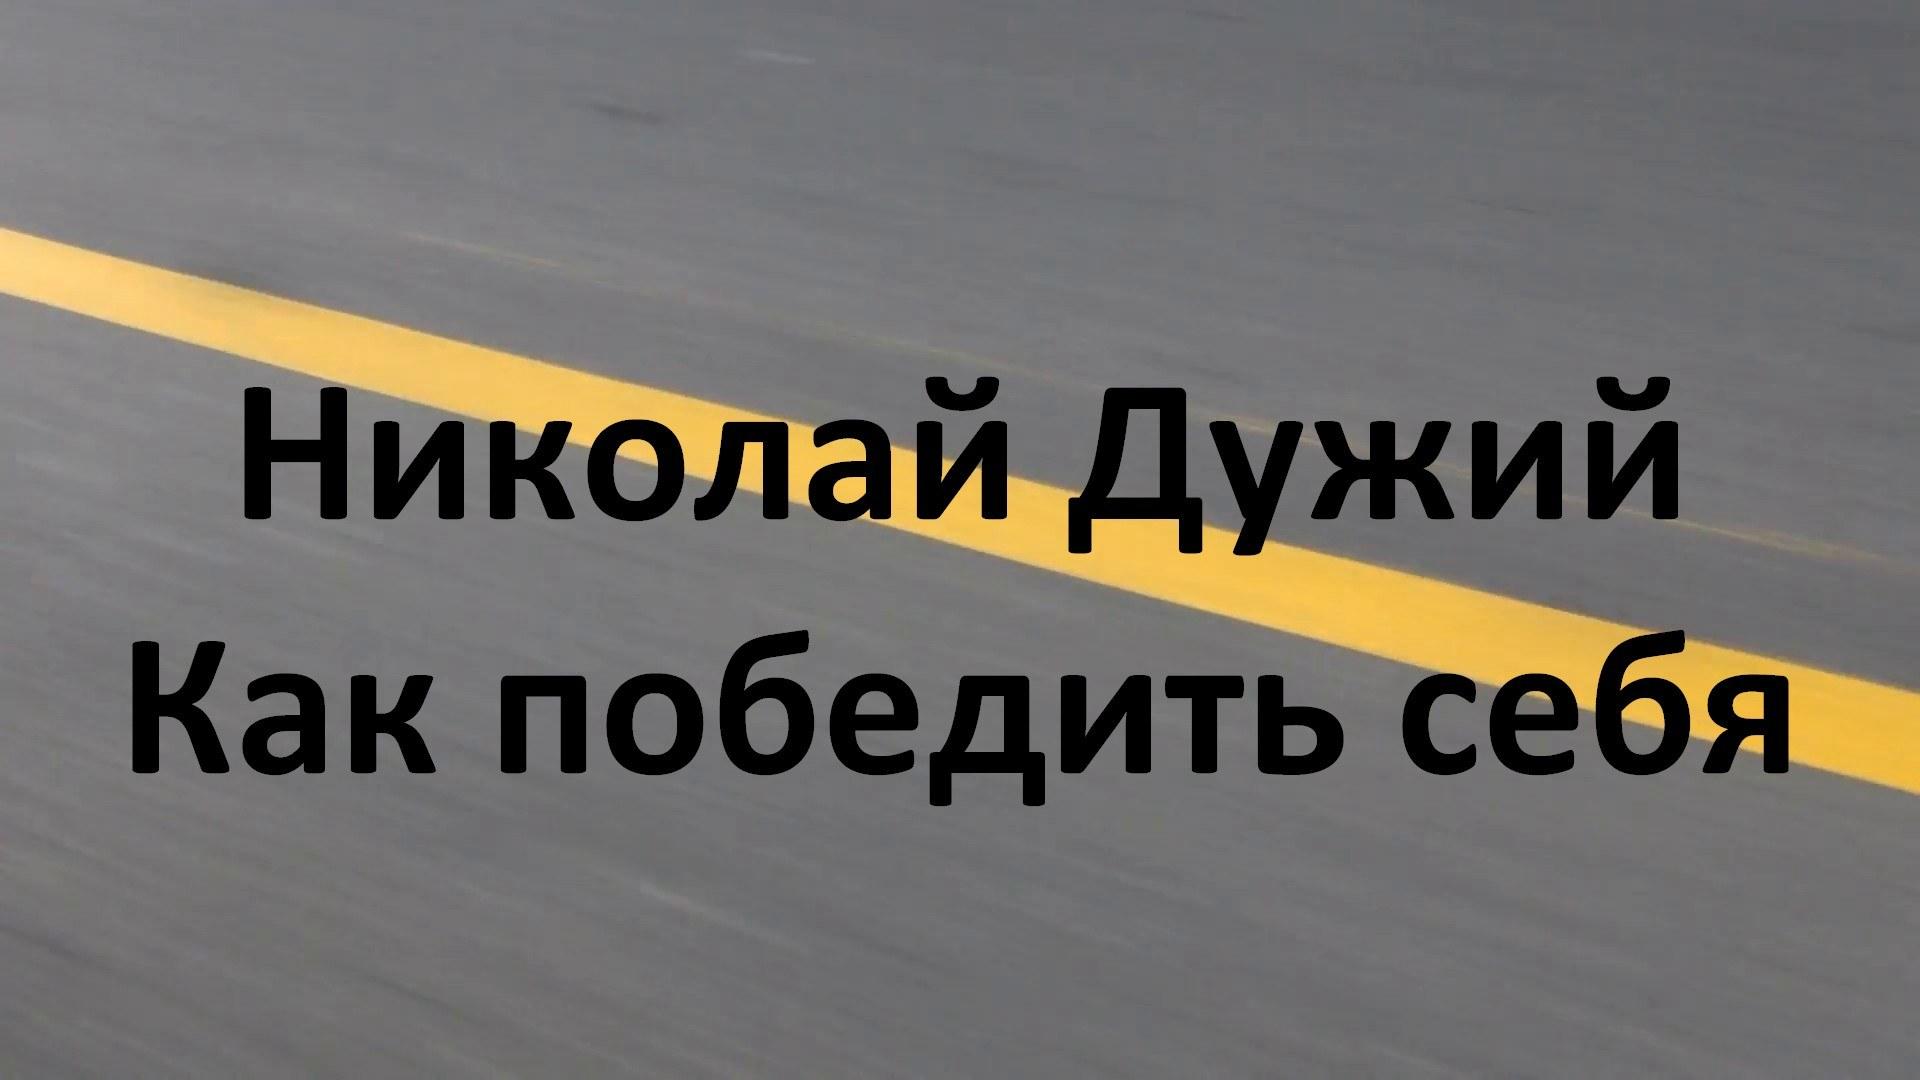 Николай Дужий. Как победить себя